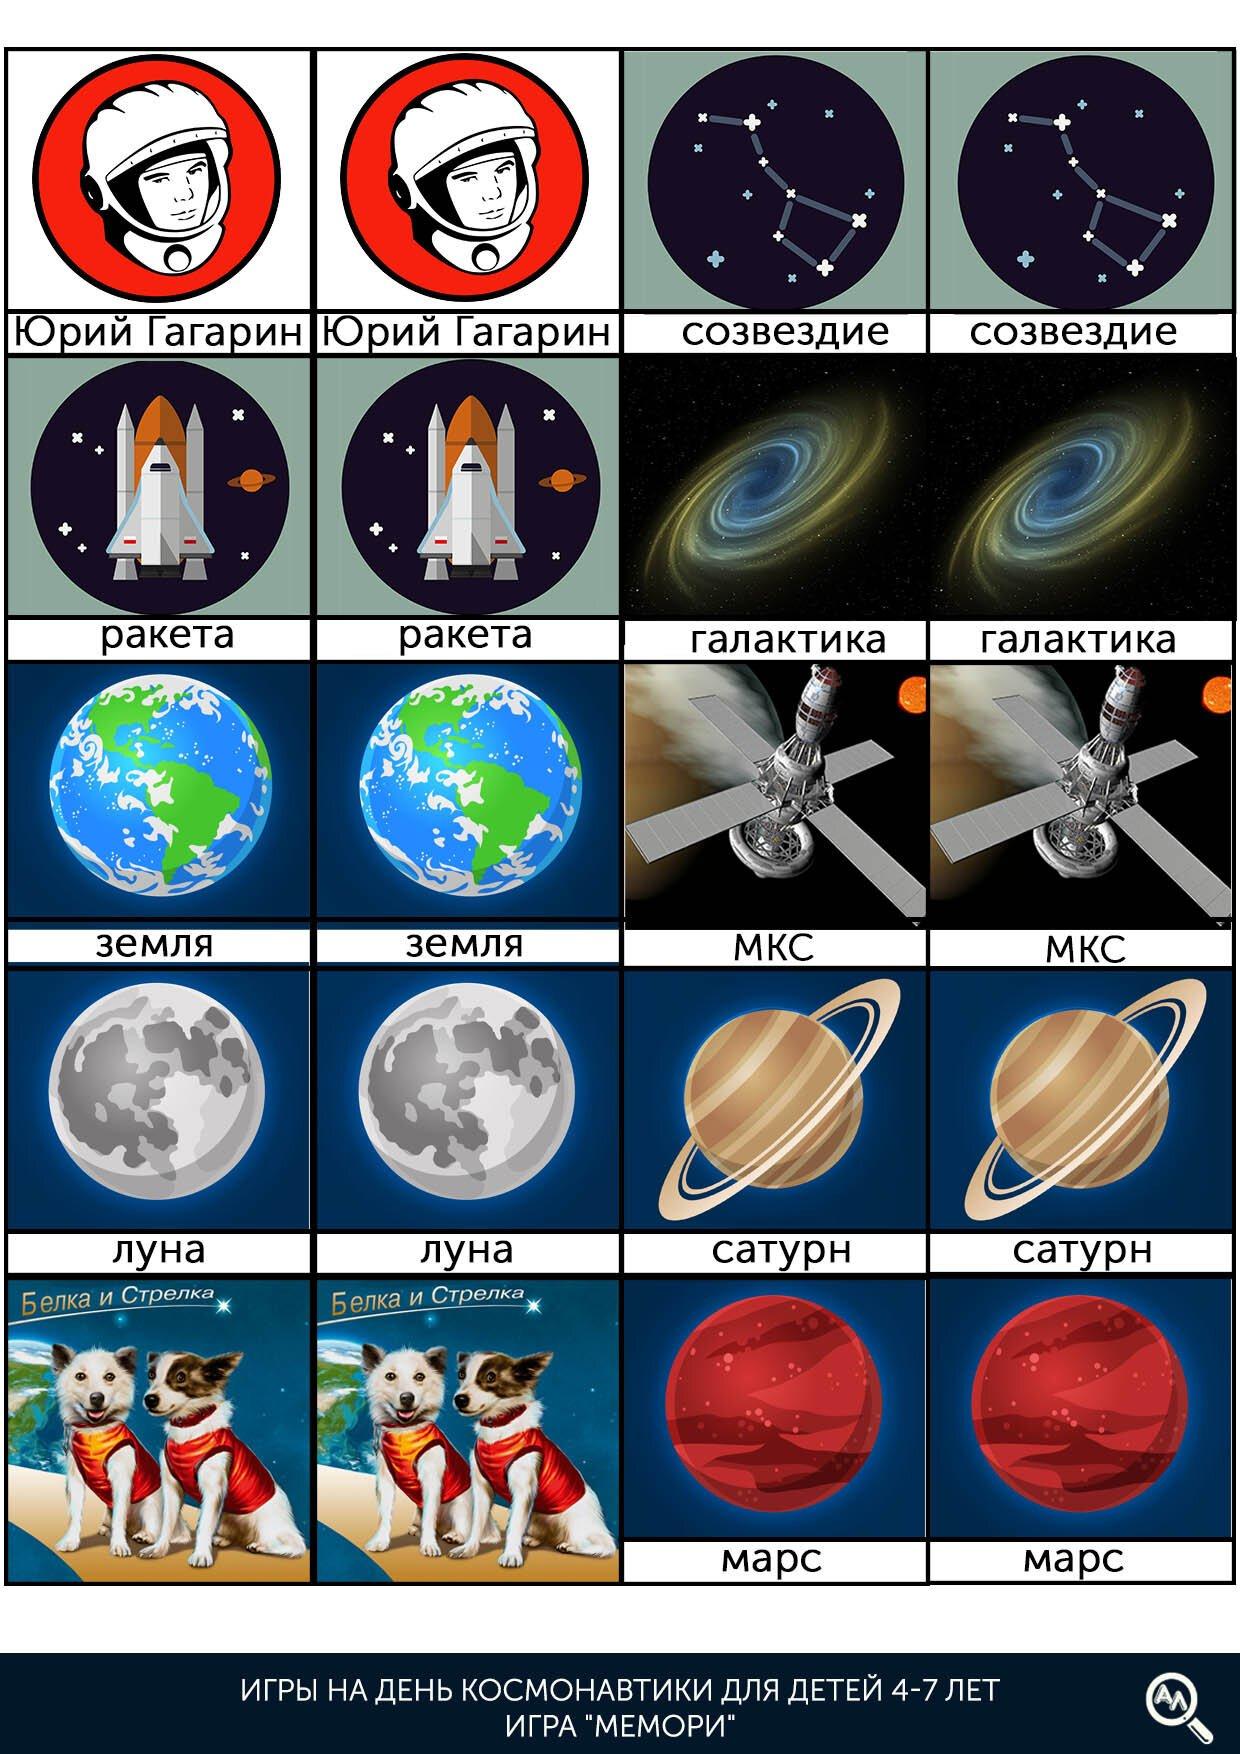 Игра Космическое мемори для детей